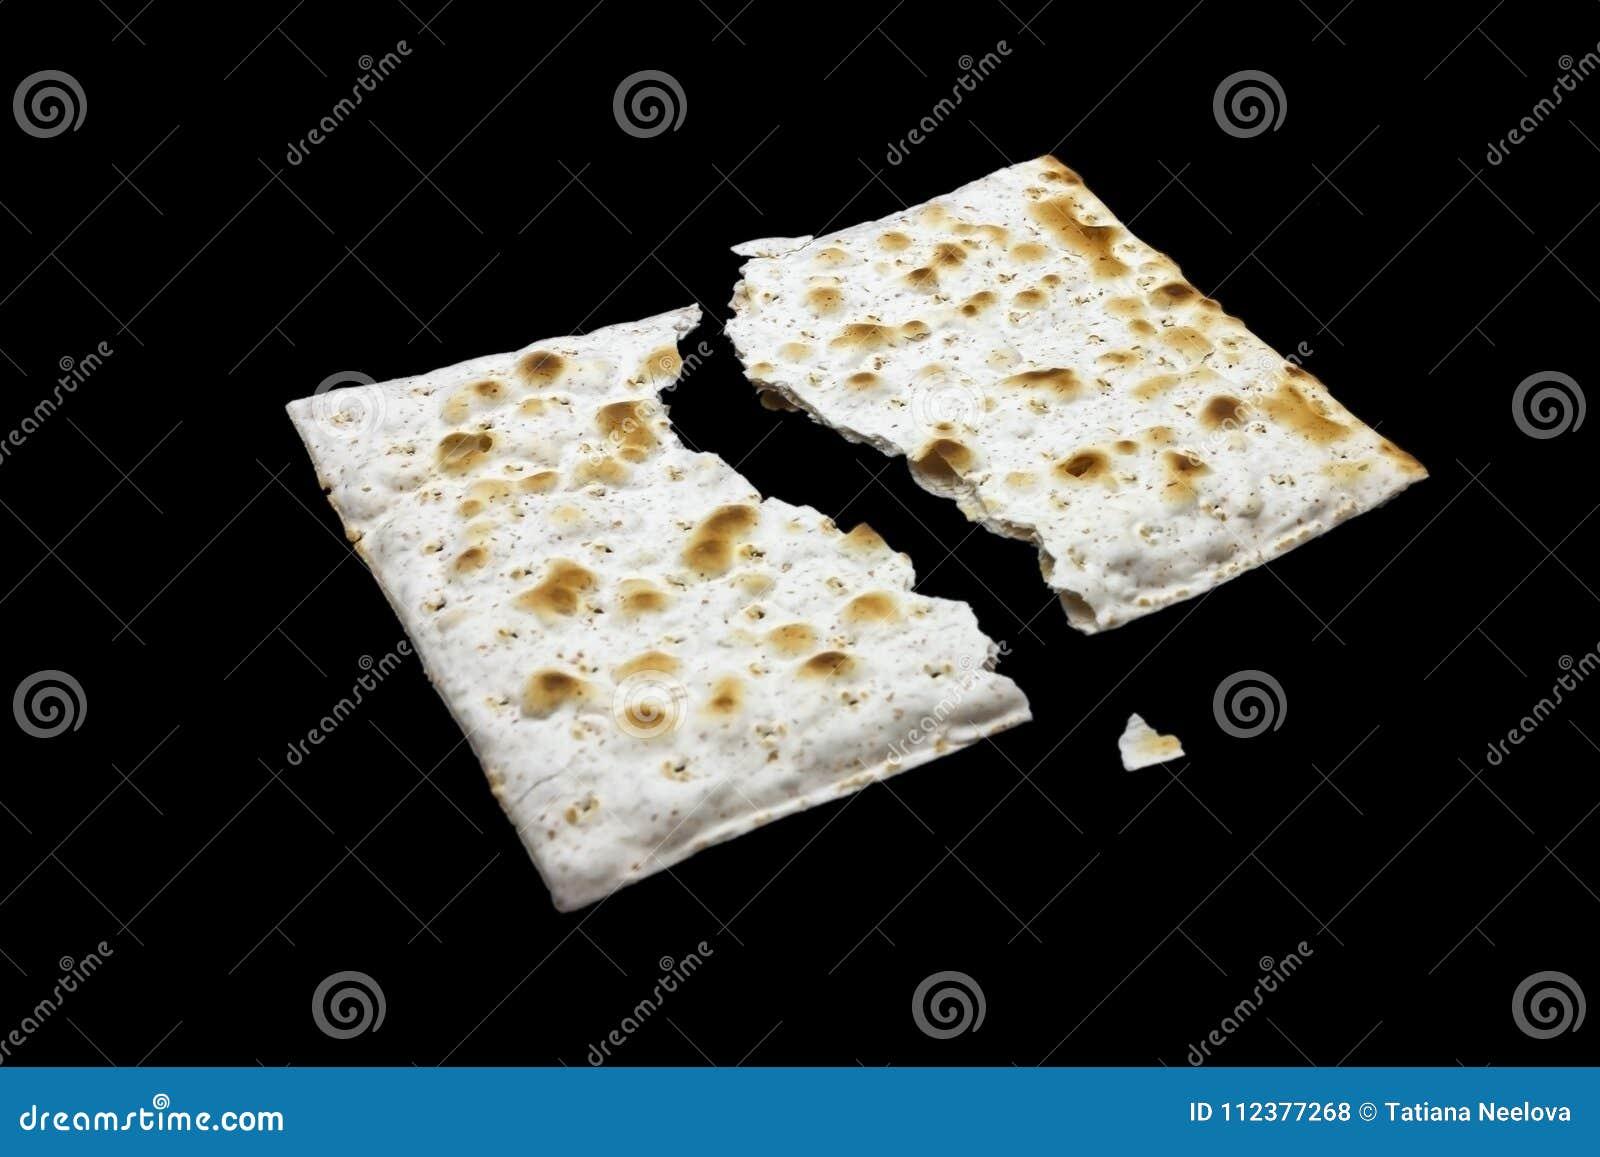 Ett foto av två stycken av matzah eller matza som isoleras på svart bakgrund Matzah för de judiska påskhögtidferierna Ställe för